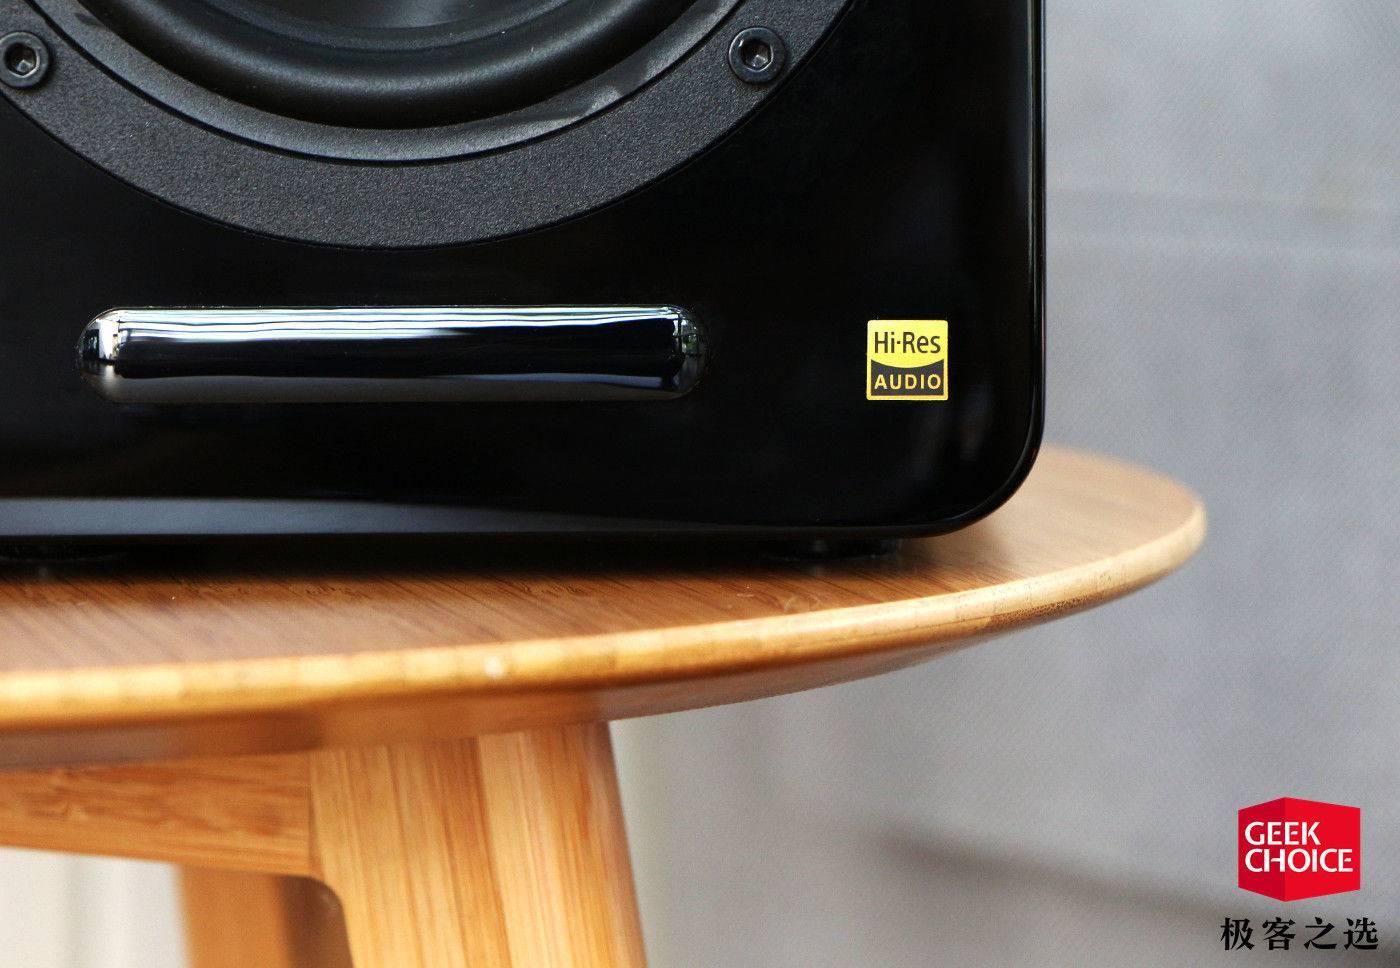 万元以下听个响?来试试这款3000元的Hi-Fi音箱吧!好声音之外,还有时尚的设计